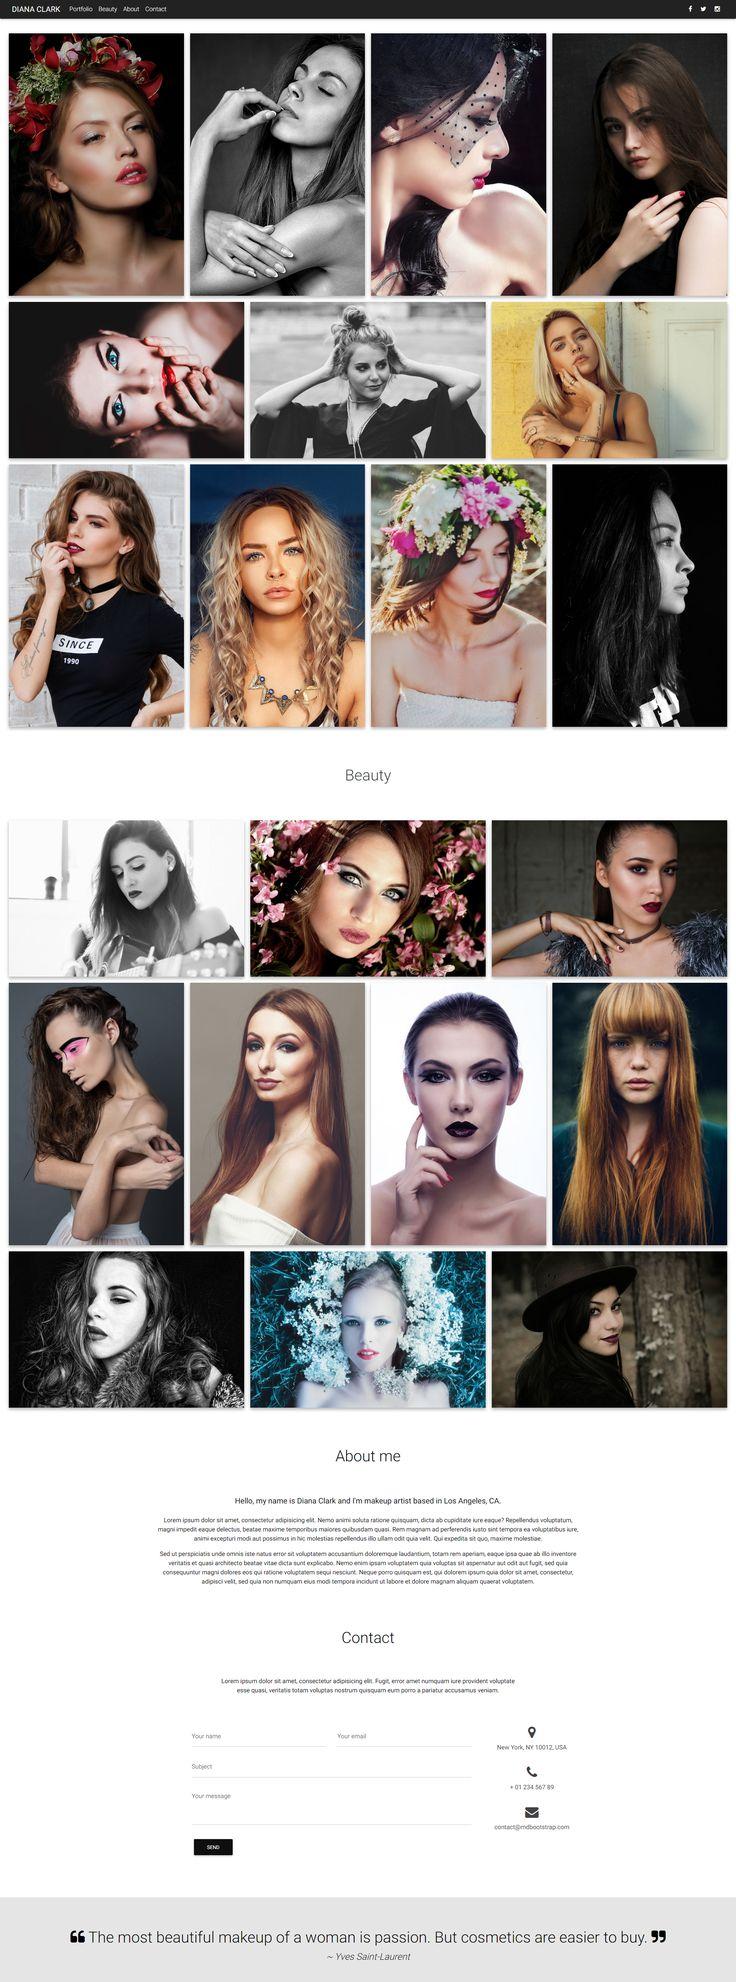 Makeup Artist Portfolio template created in Material Design spirit.